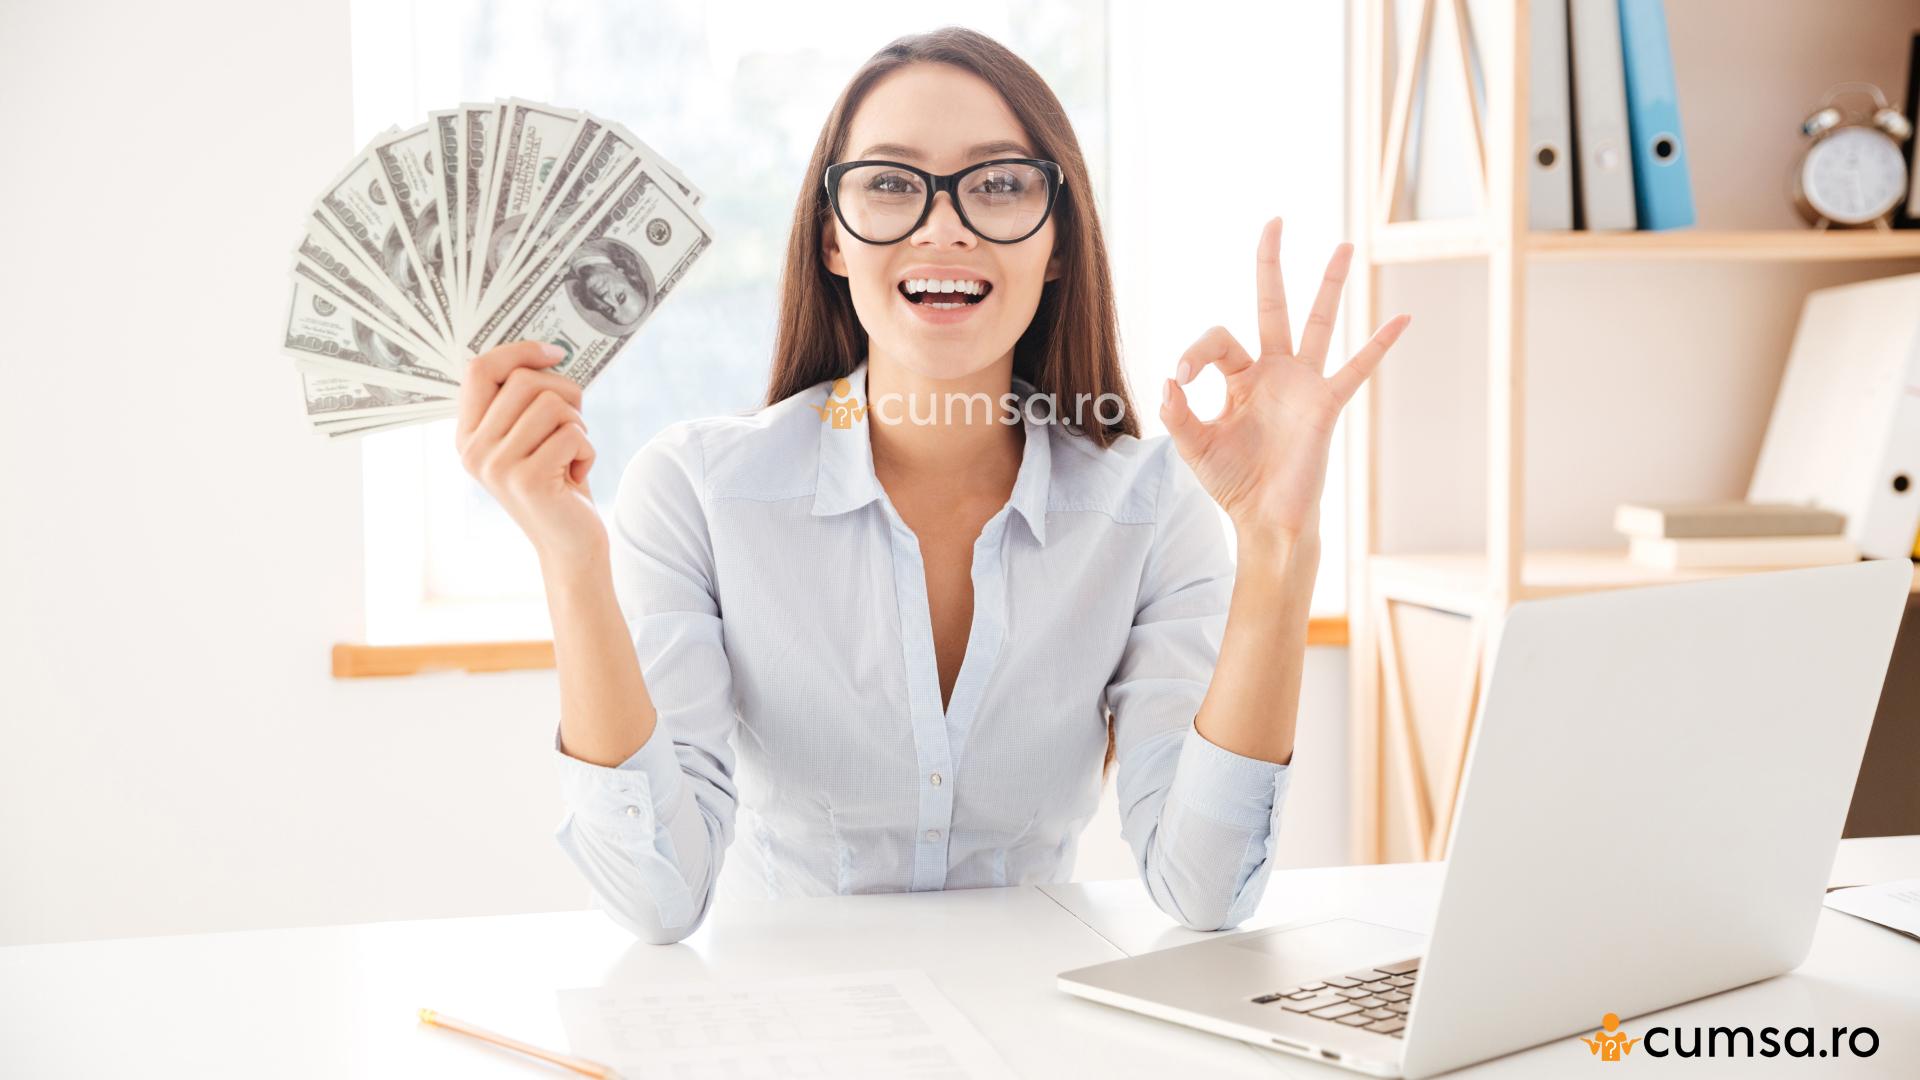 idei cum să faci bani să faci bani ce câștiguri pe internet să alegeți